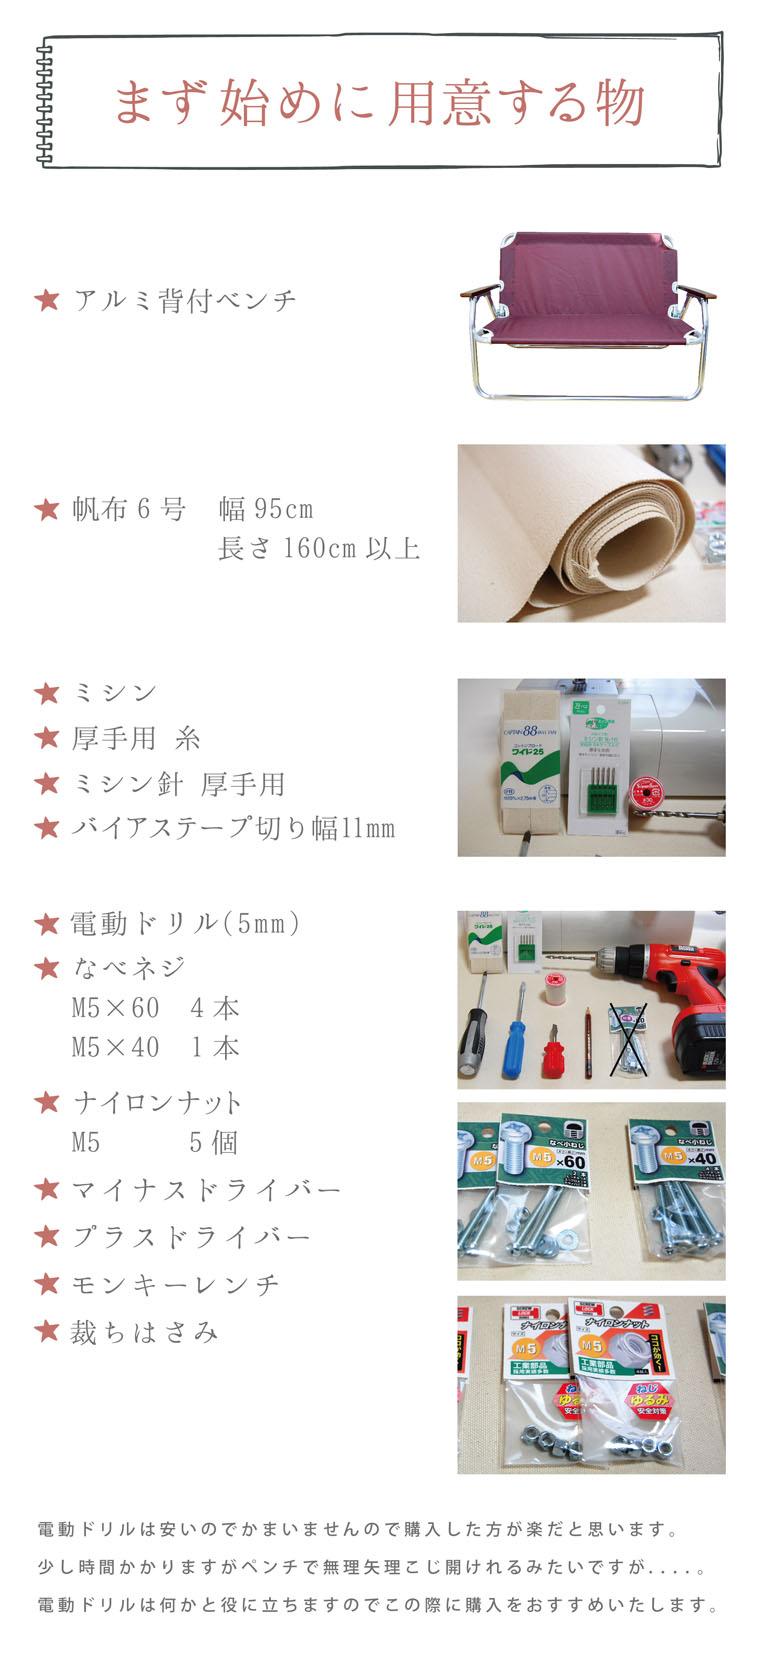 shikachair03